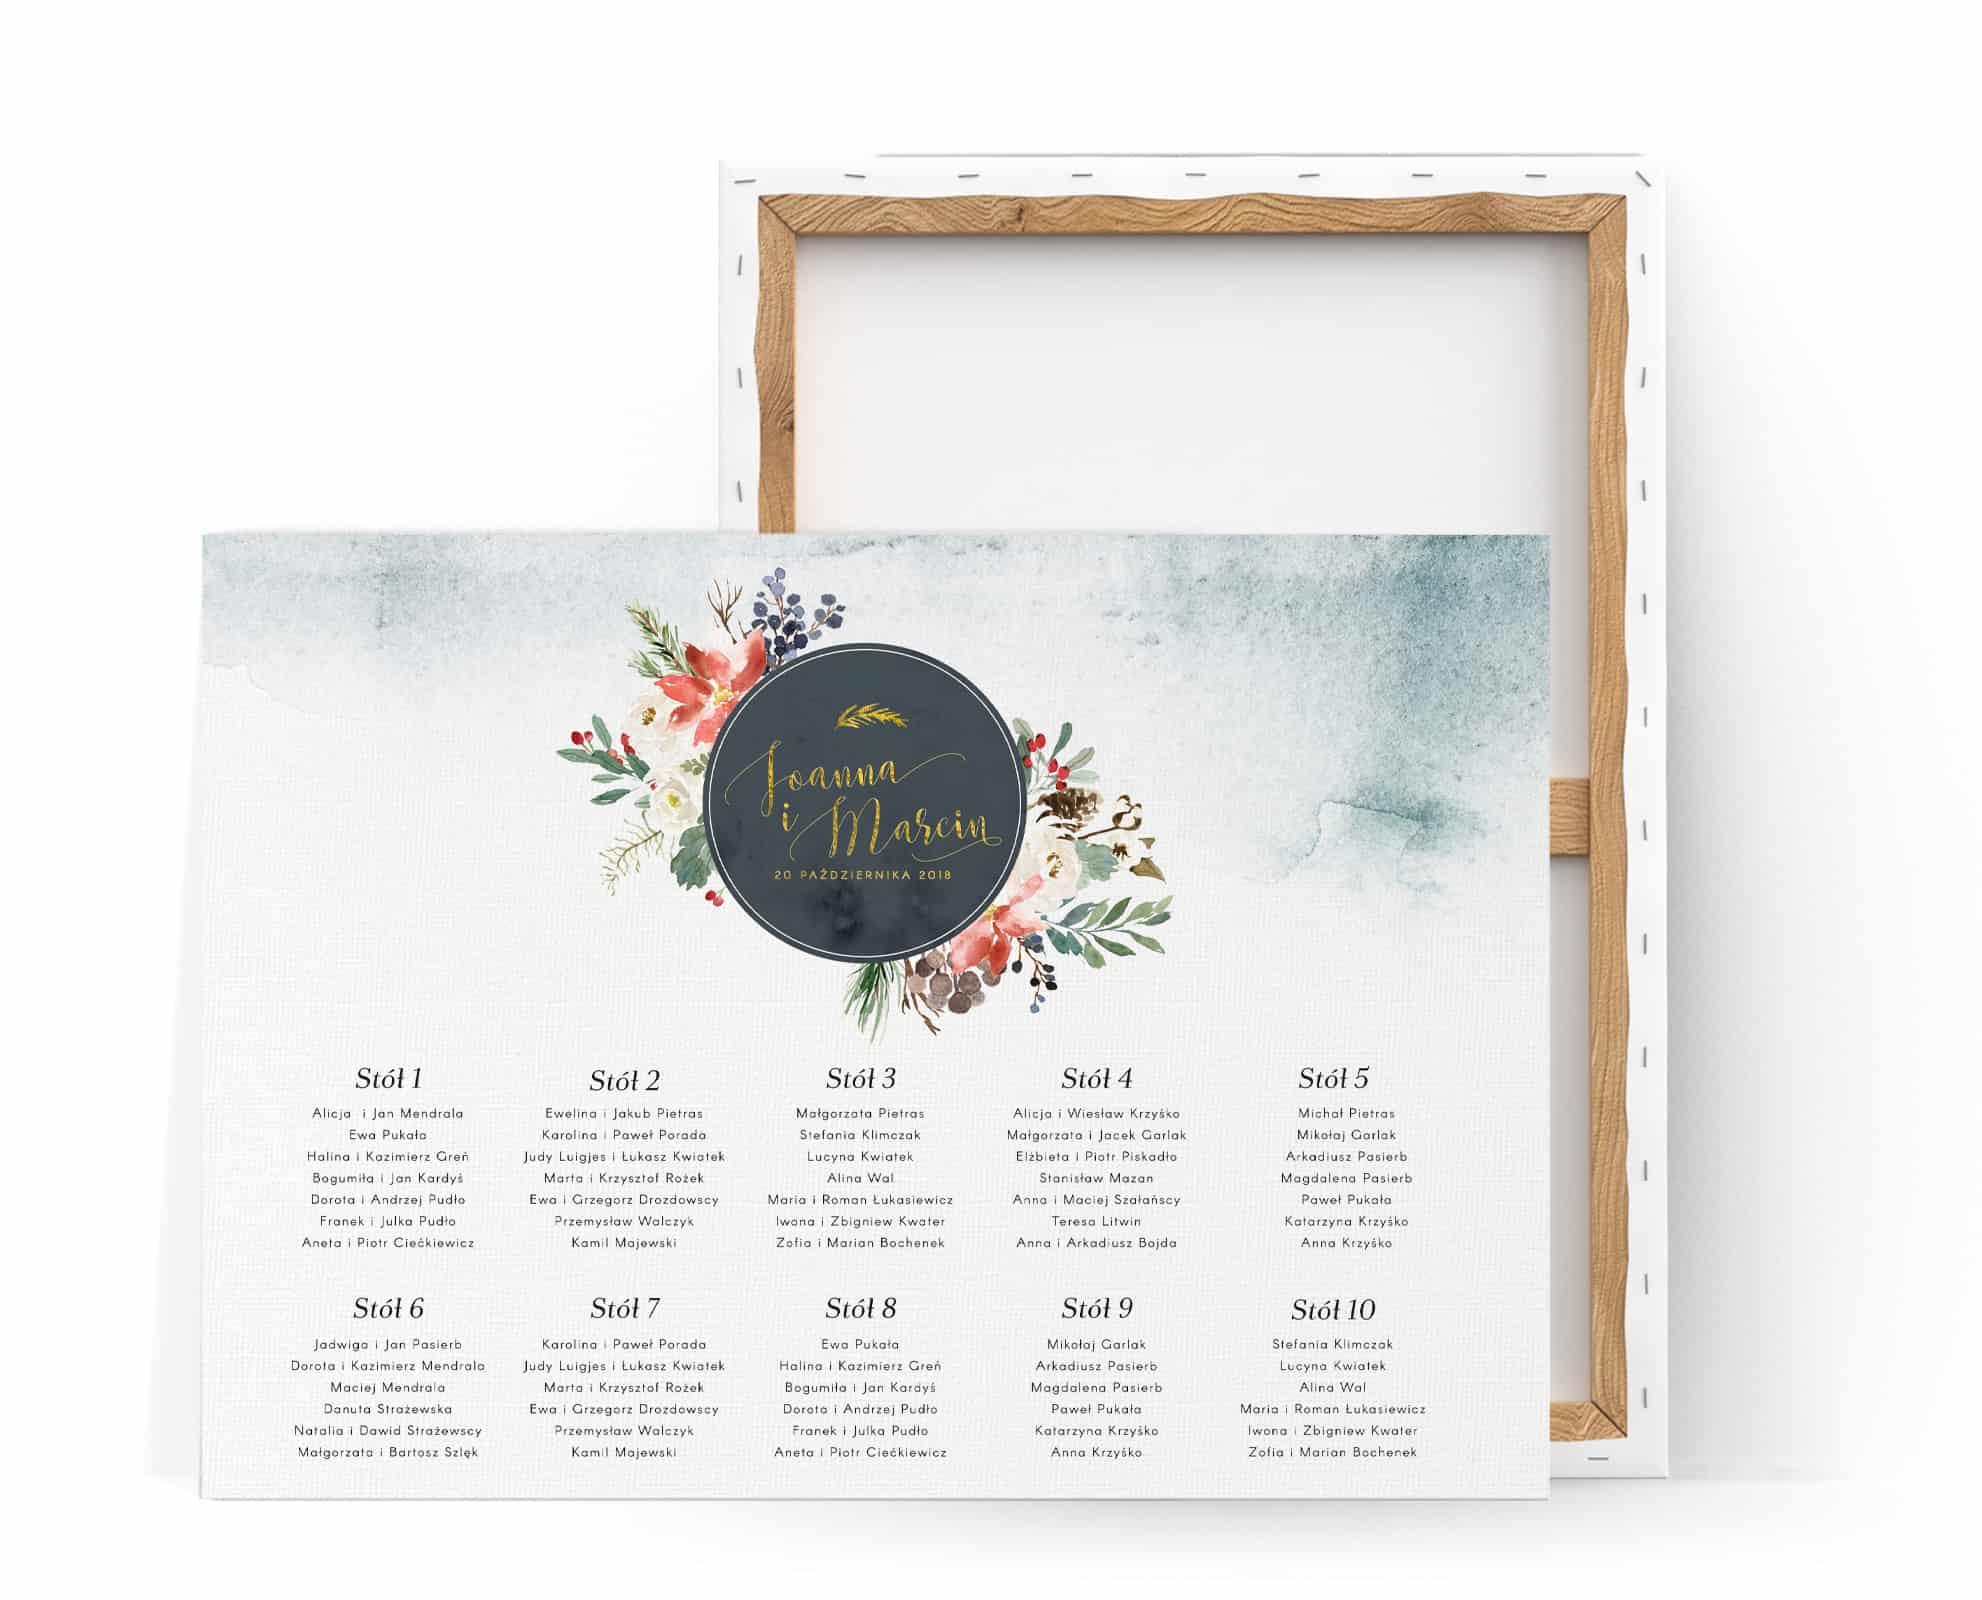 Plan stołów na weselew zimą